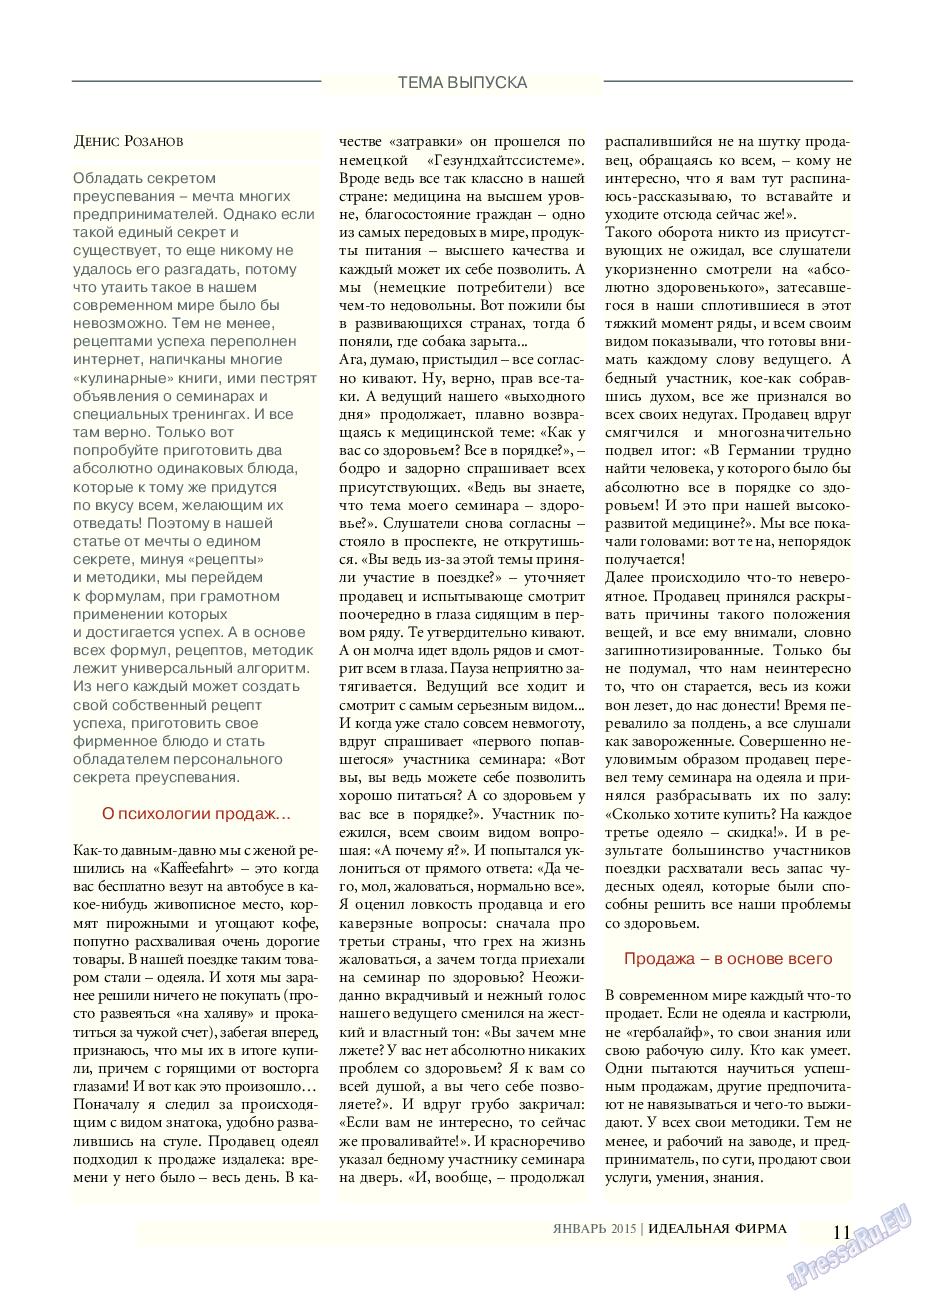 Идеальная фирма (журнал). 2015 год, номер 1, стр. 11